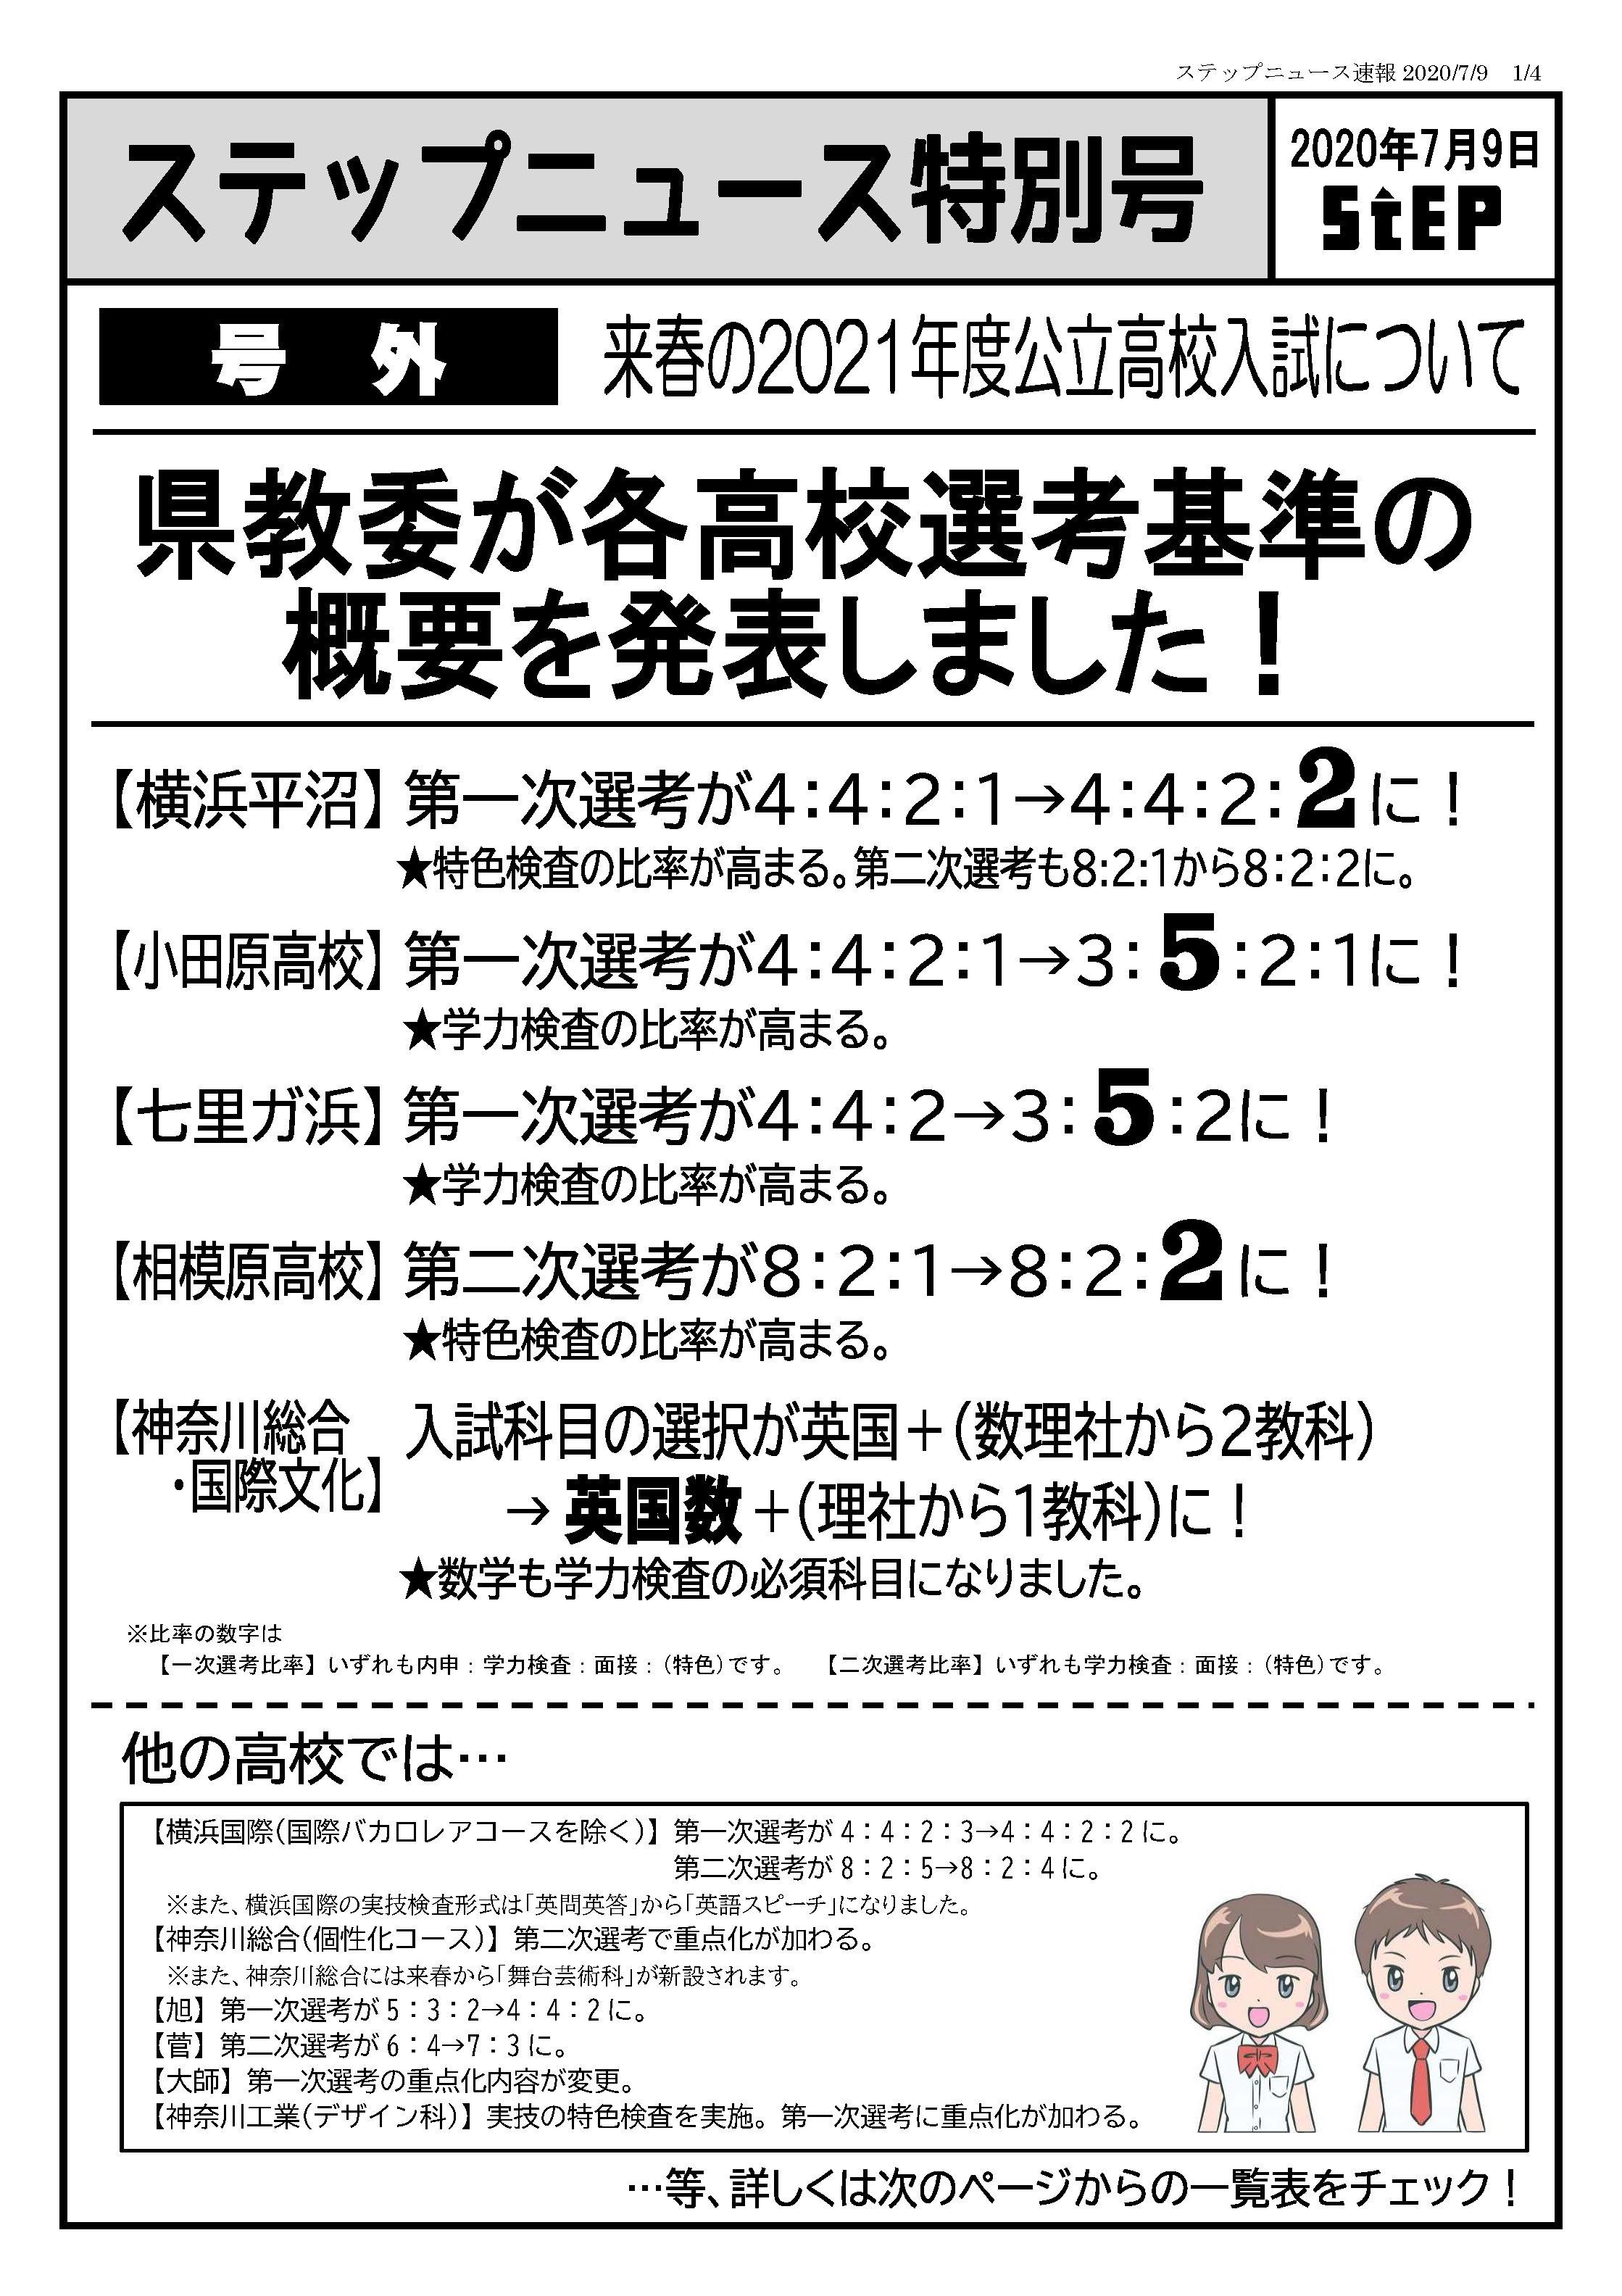 倍率 高校 入試 速報 2021 神奈川 県 公立